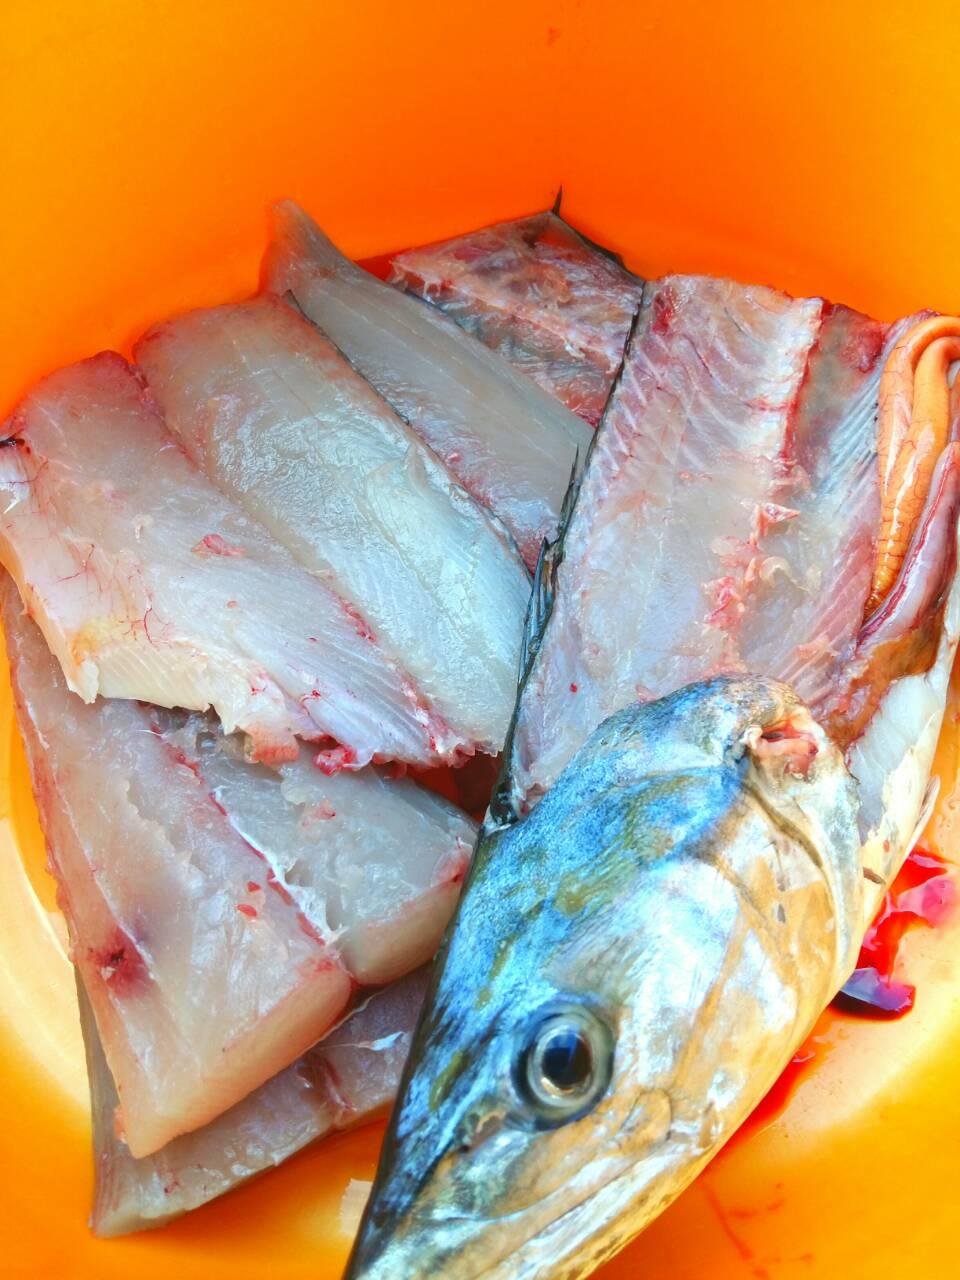 ห่อหมกปลาอินทรี (สามร้อยยอด)